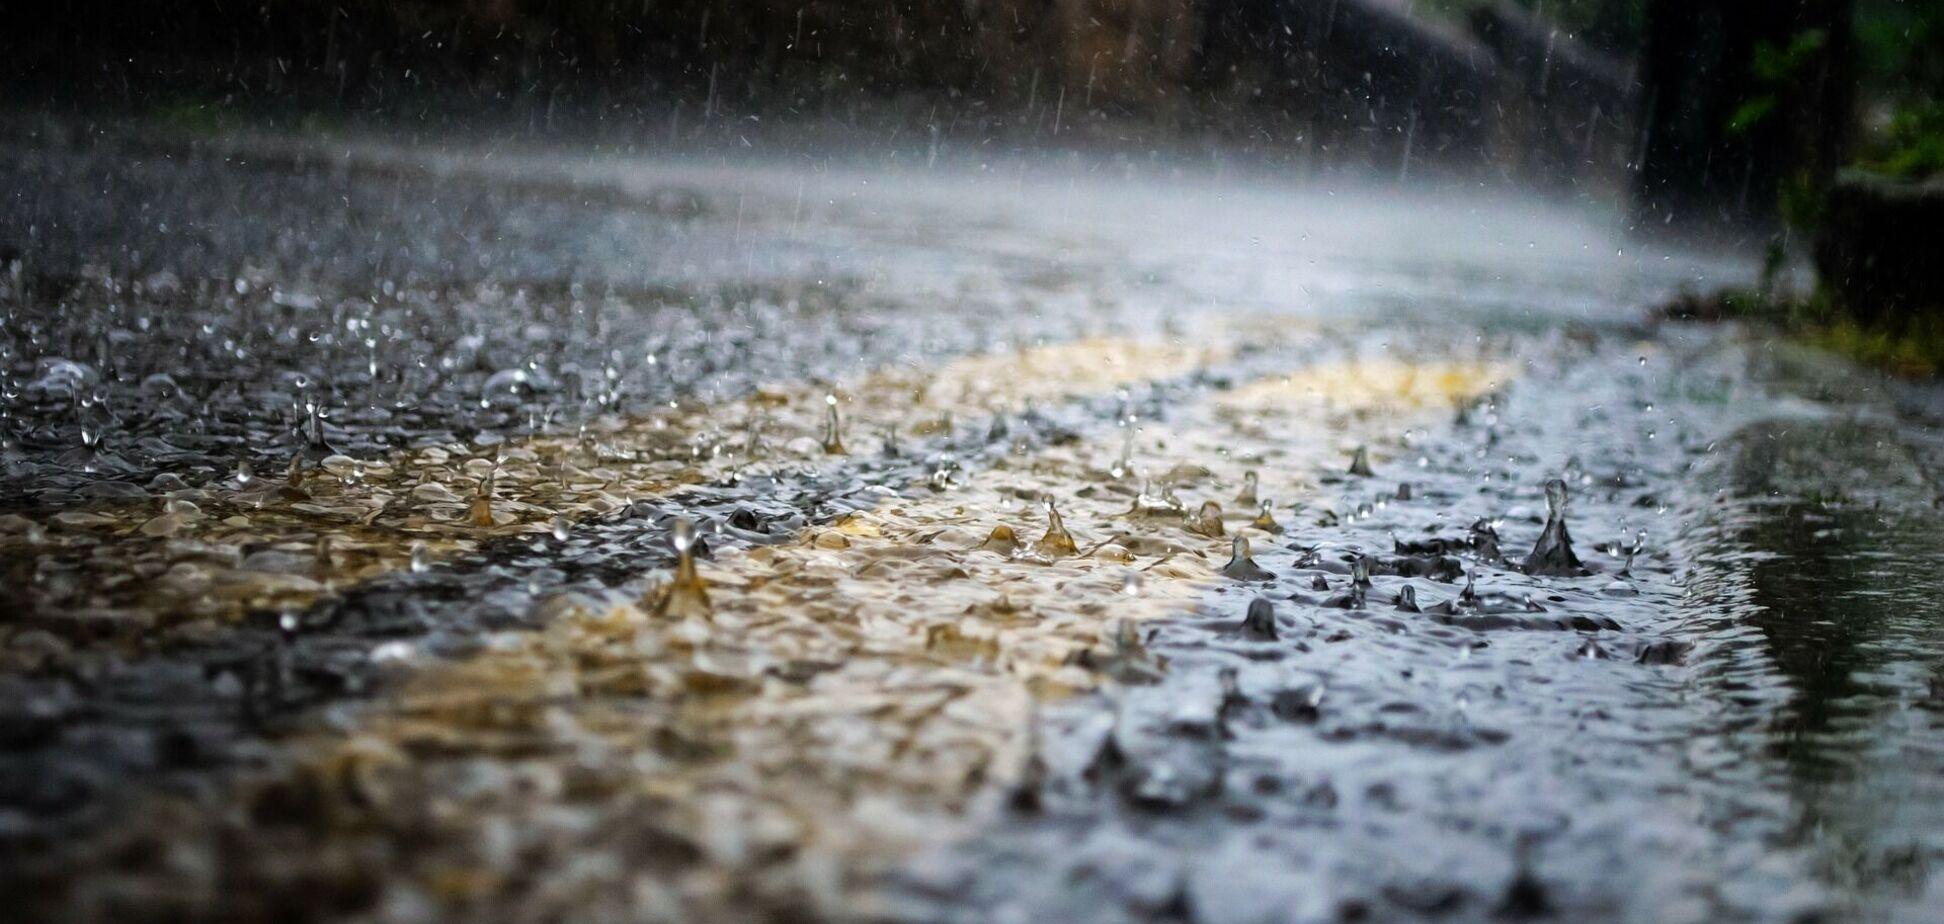 Українців попередили про дощі та сильний вітер у вівторок: де зіпсується погода